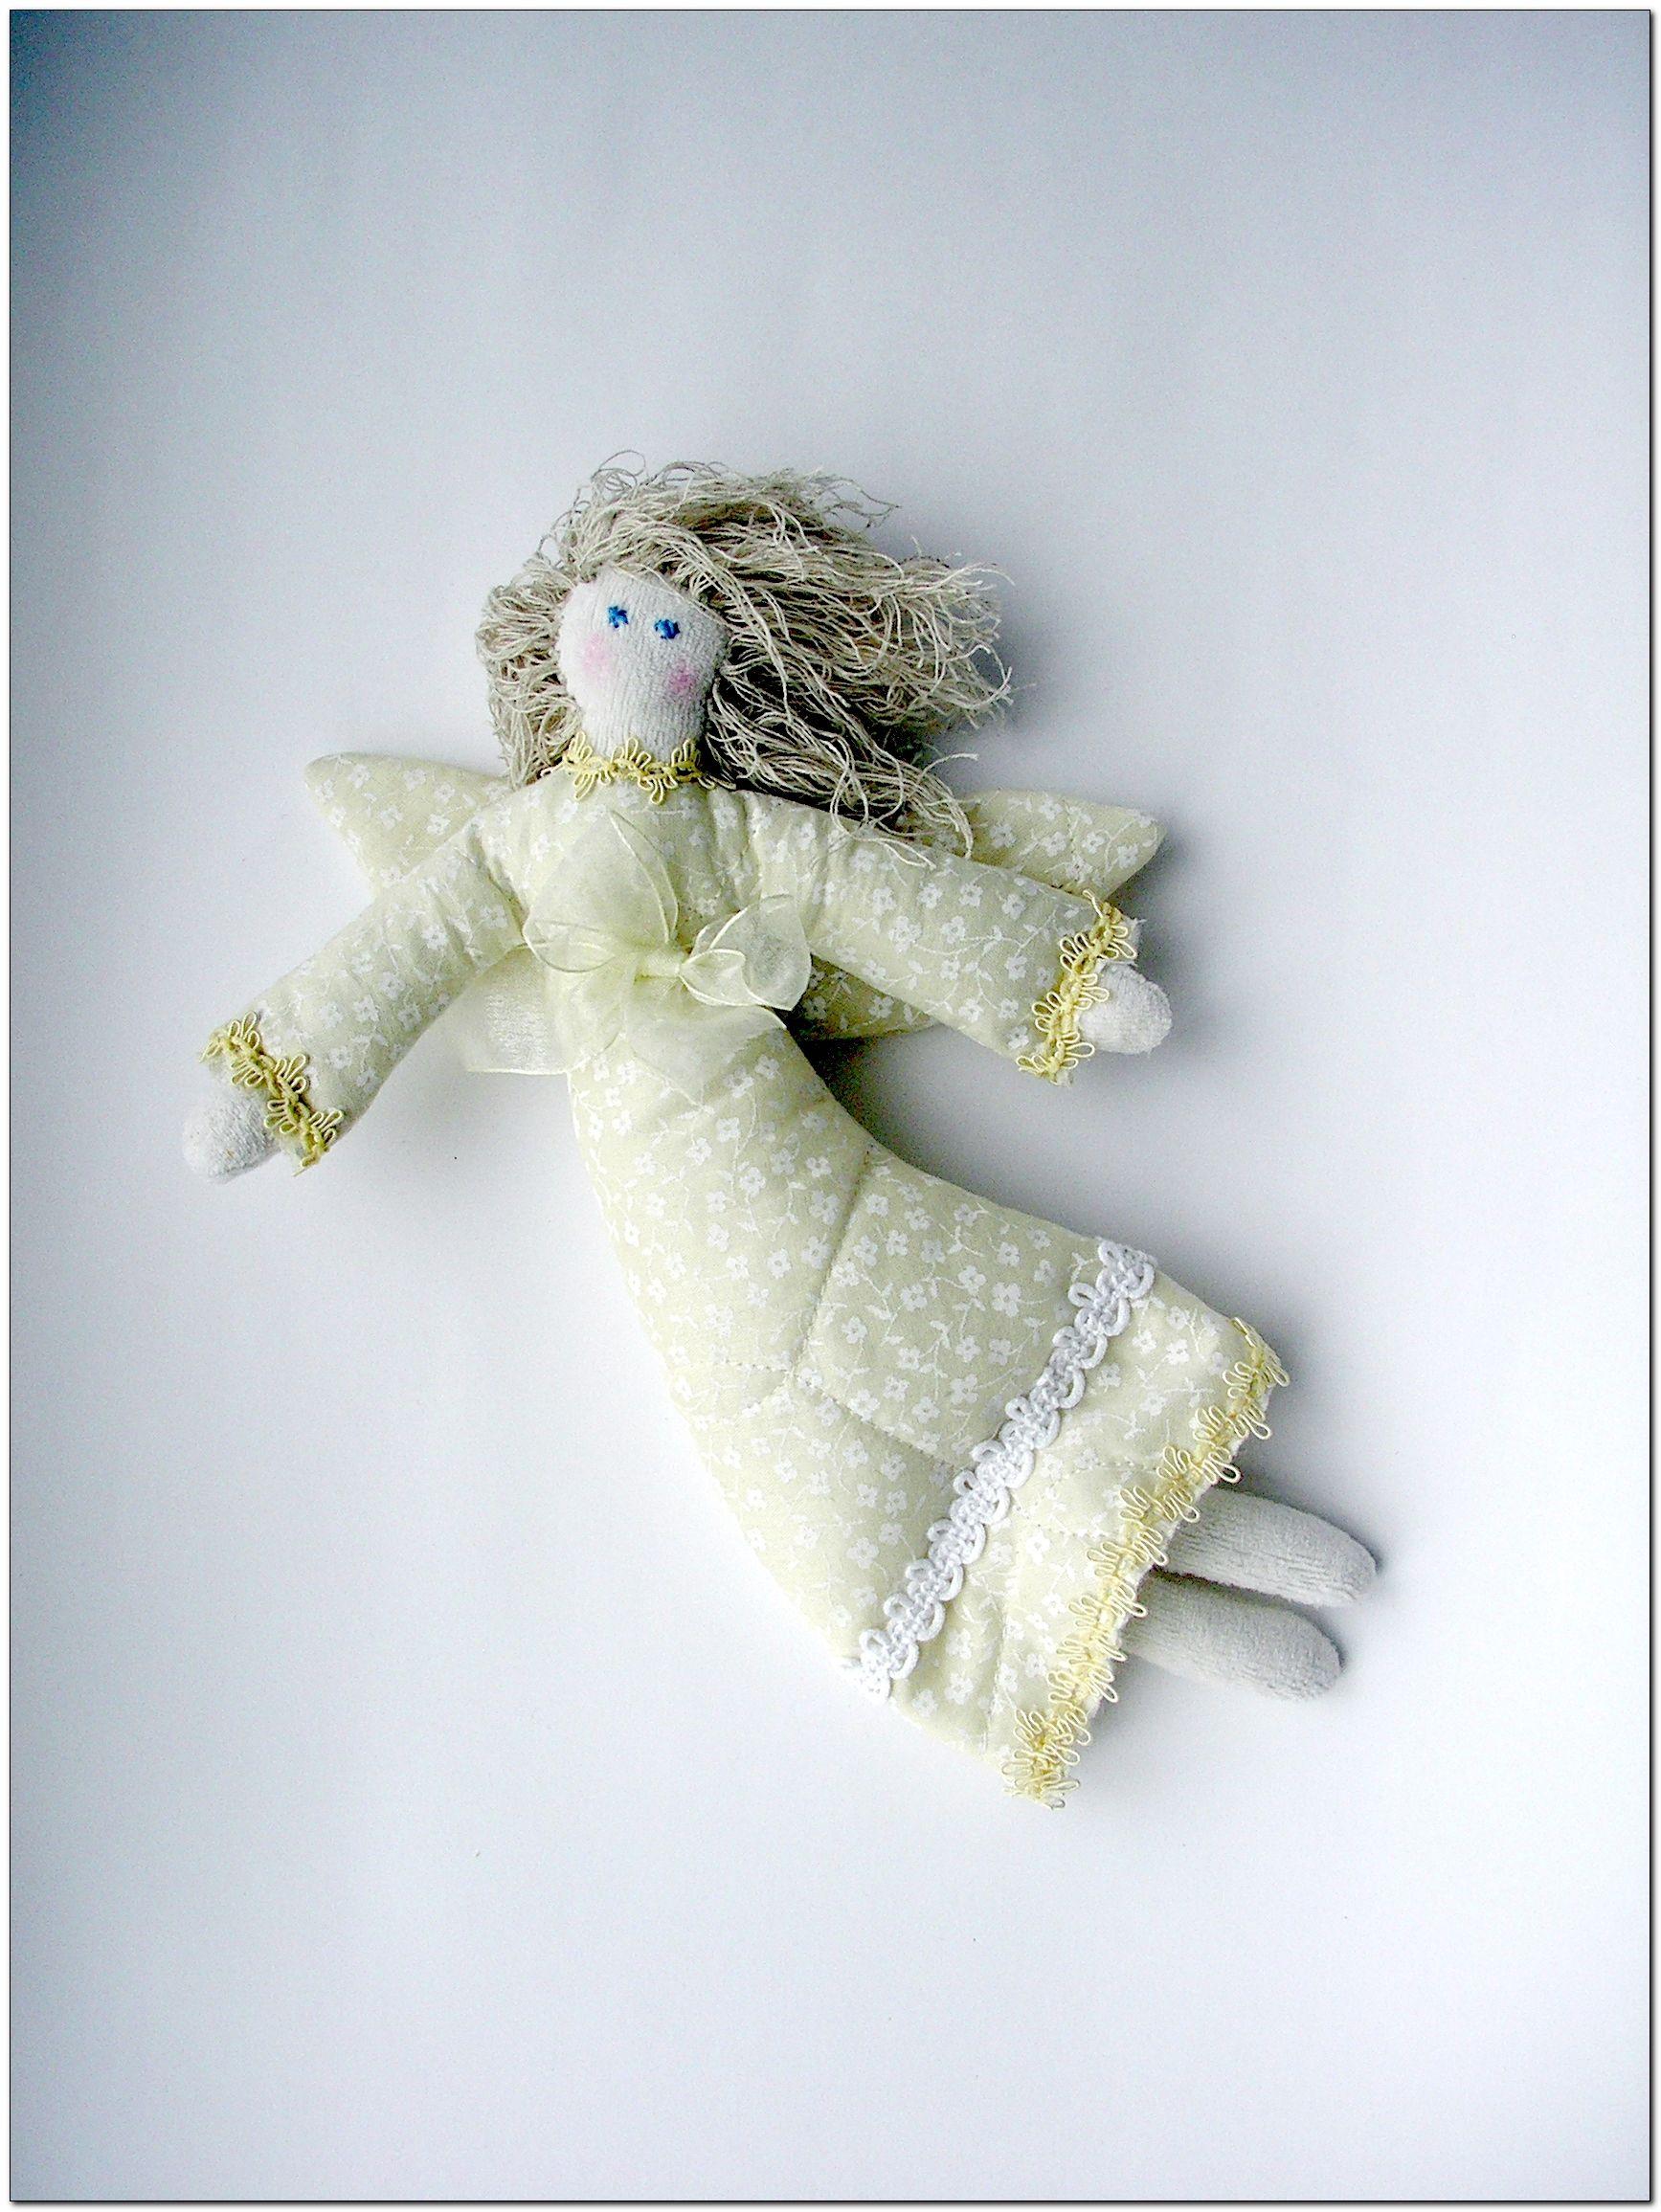 работы ангел игрушка ручной